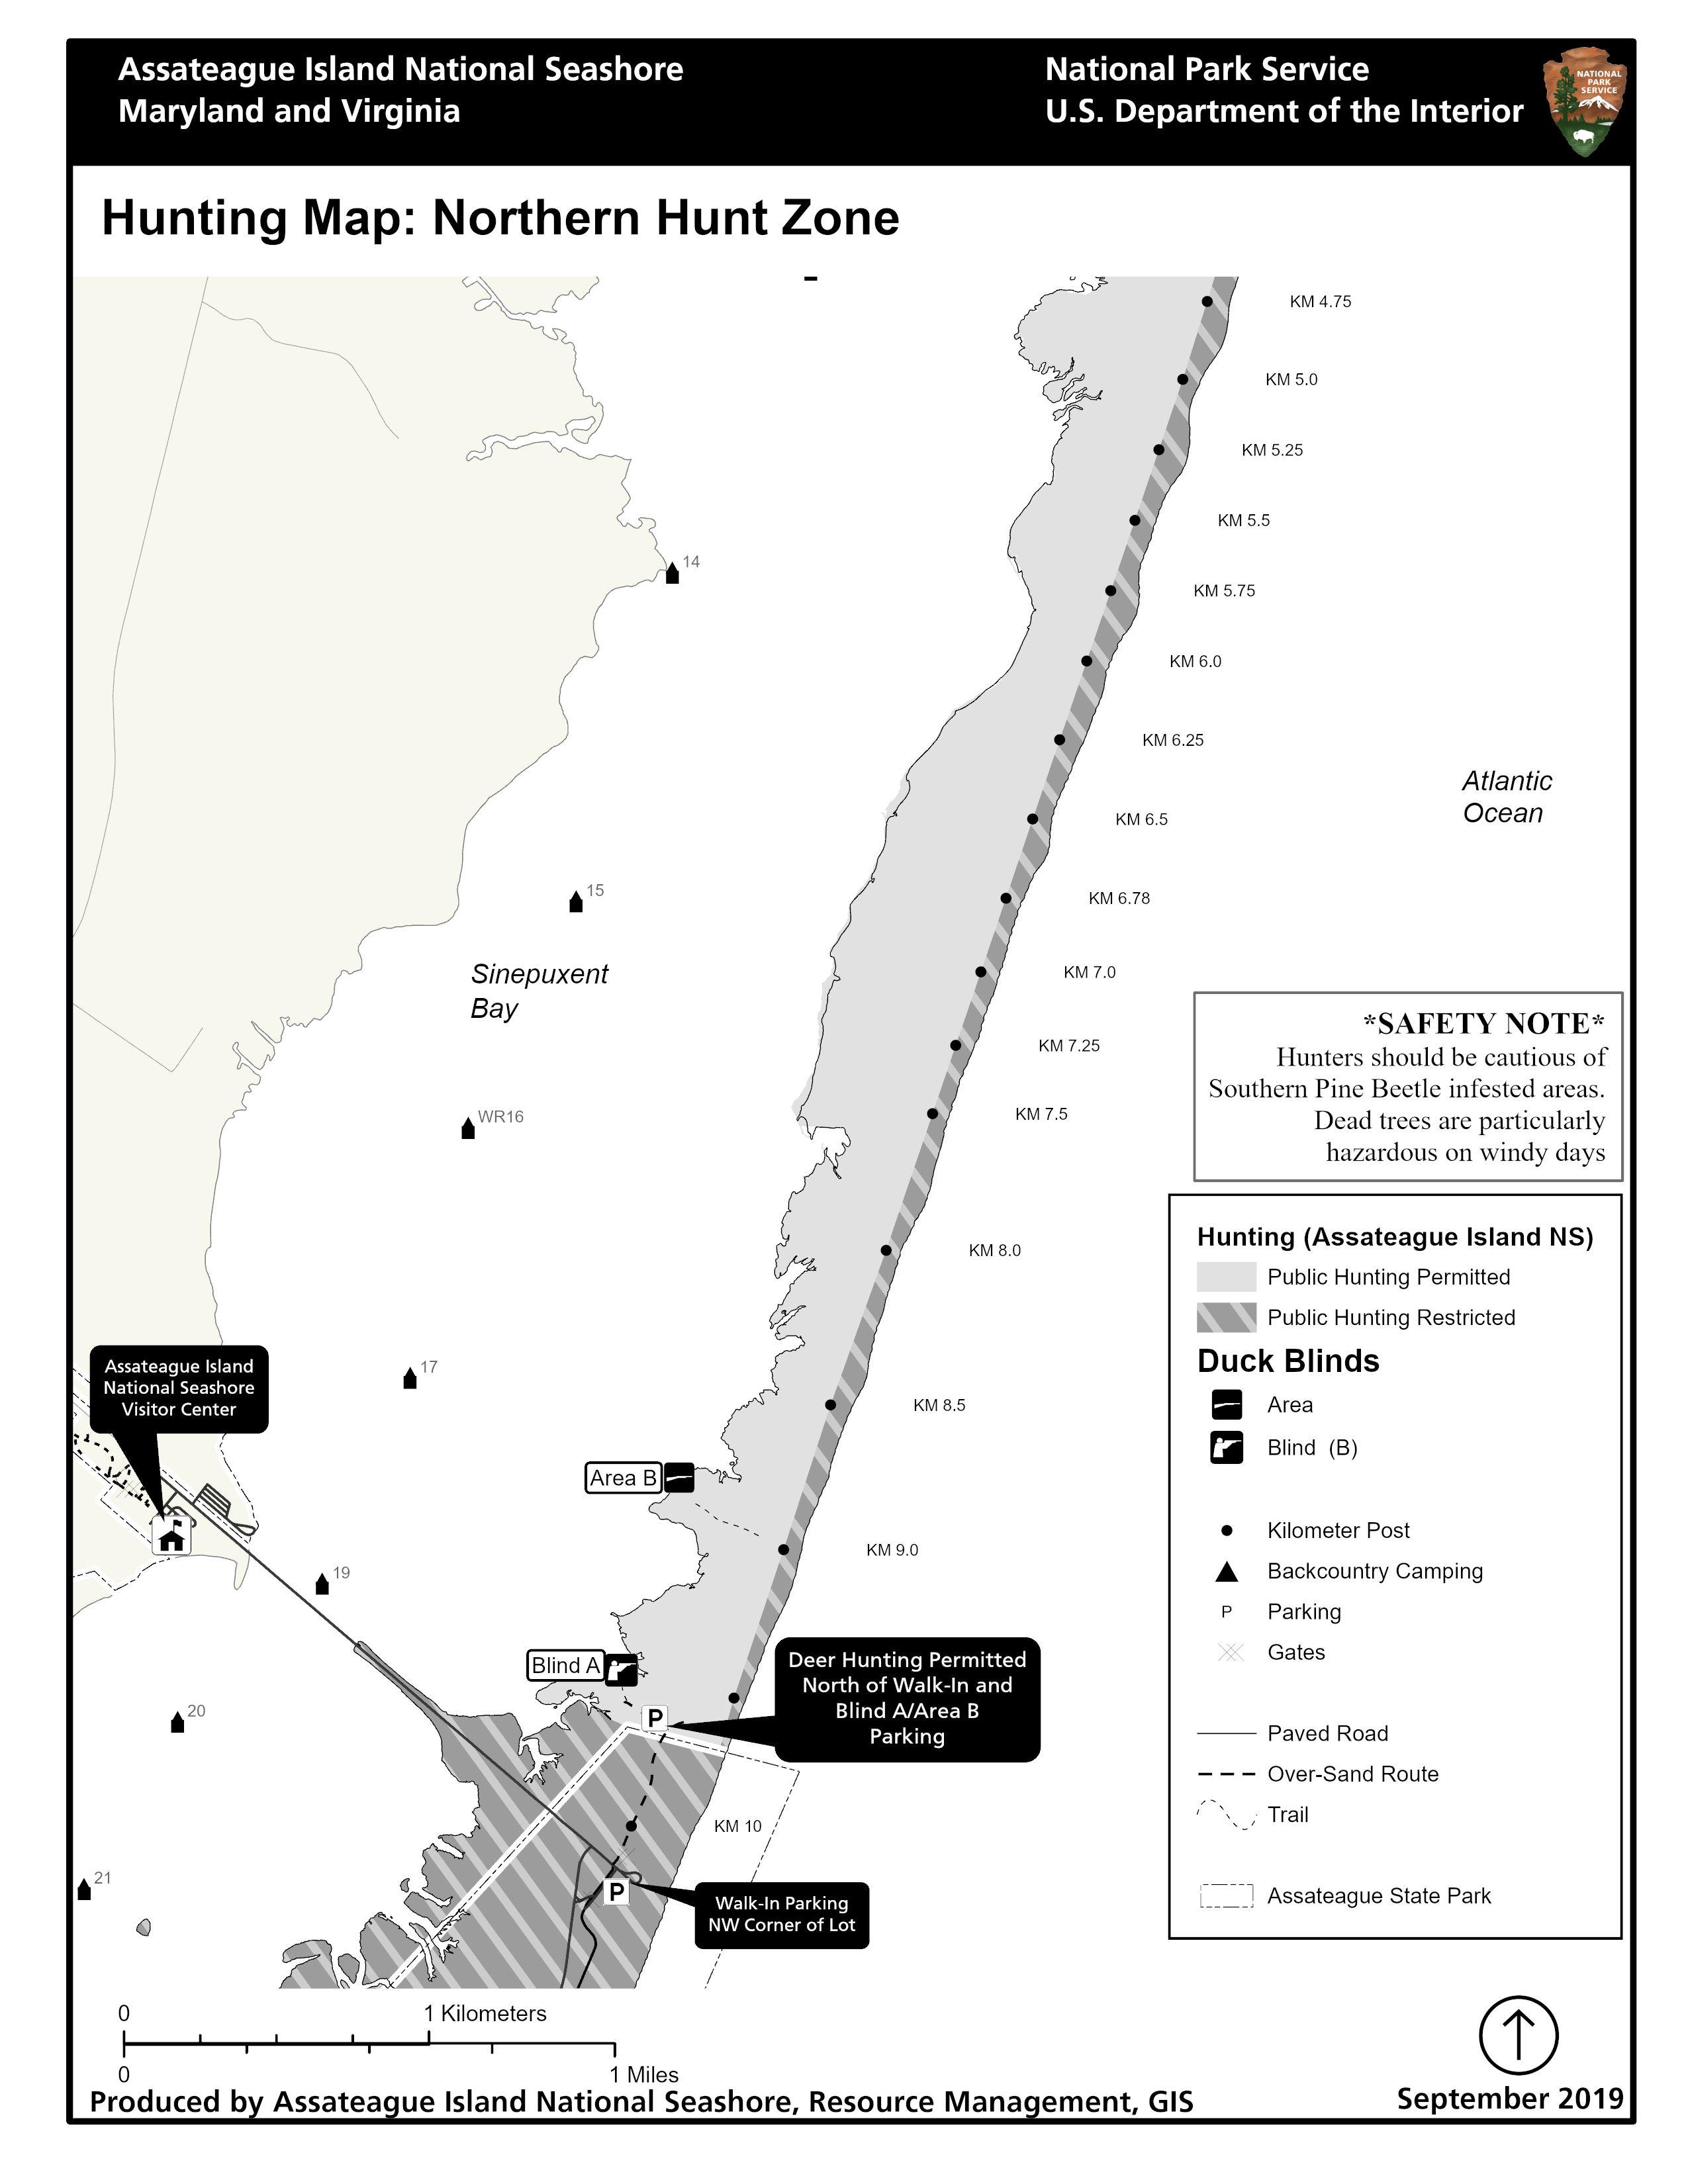 Maryland Public Hunting Land Map : maryland, public, hunting, Hunting, Zones, Assateague, Island, National, Seashore, (U.S., Service)